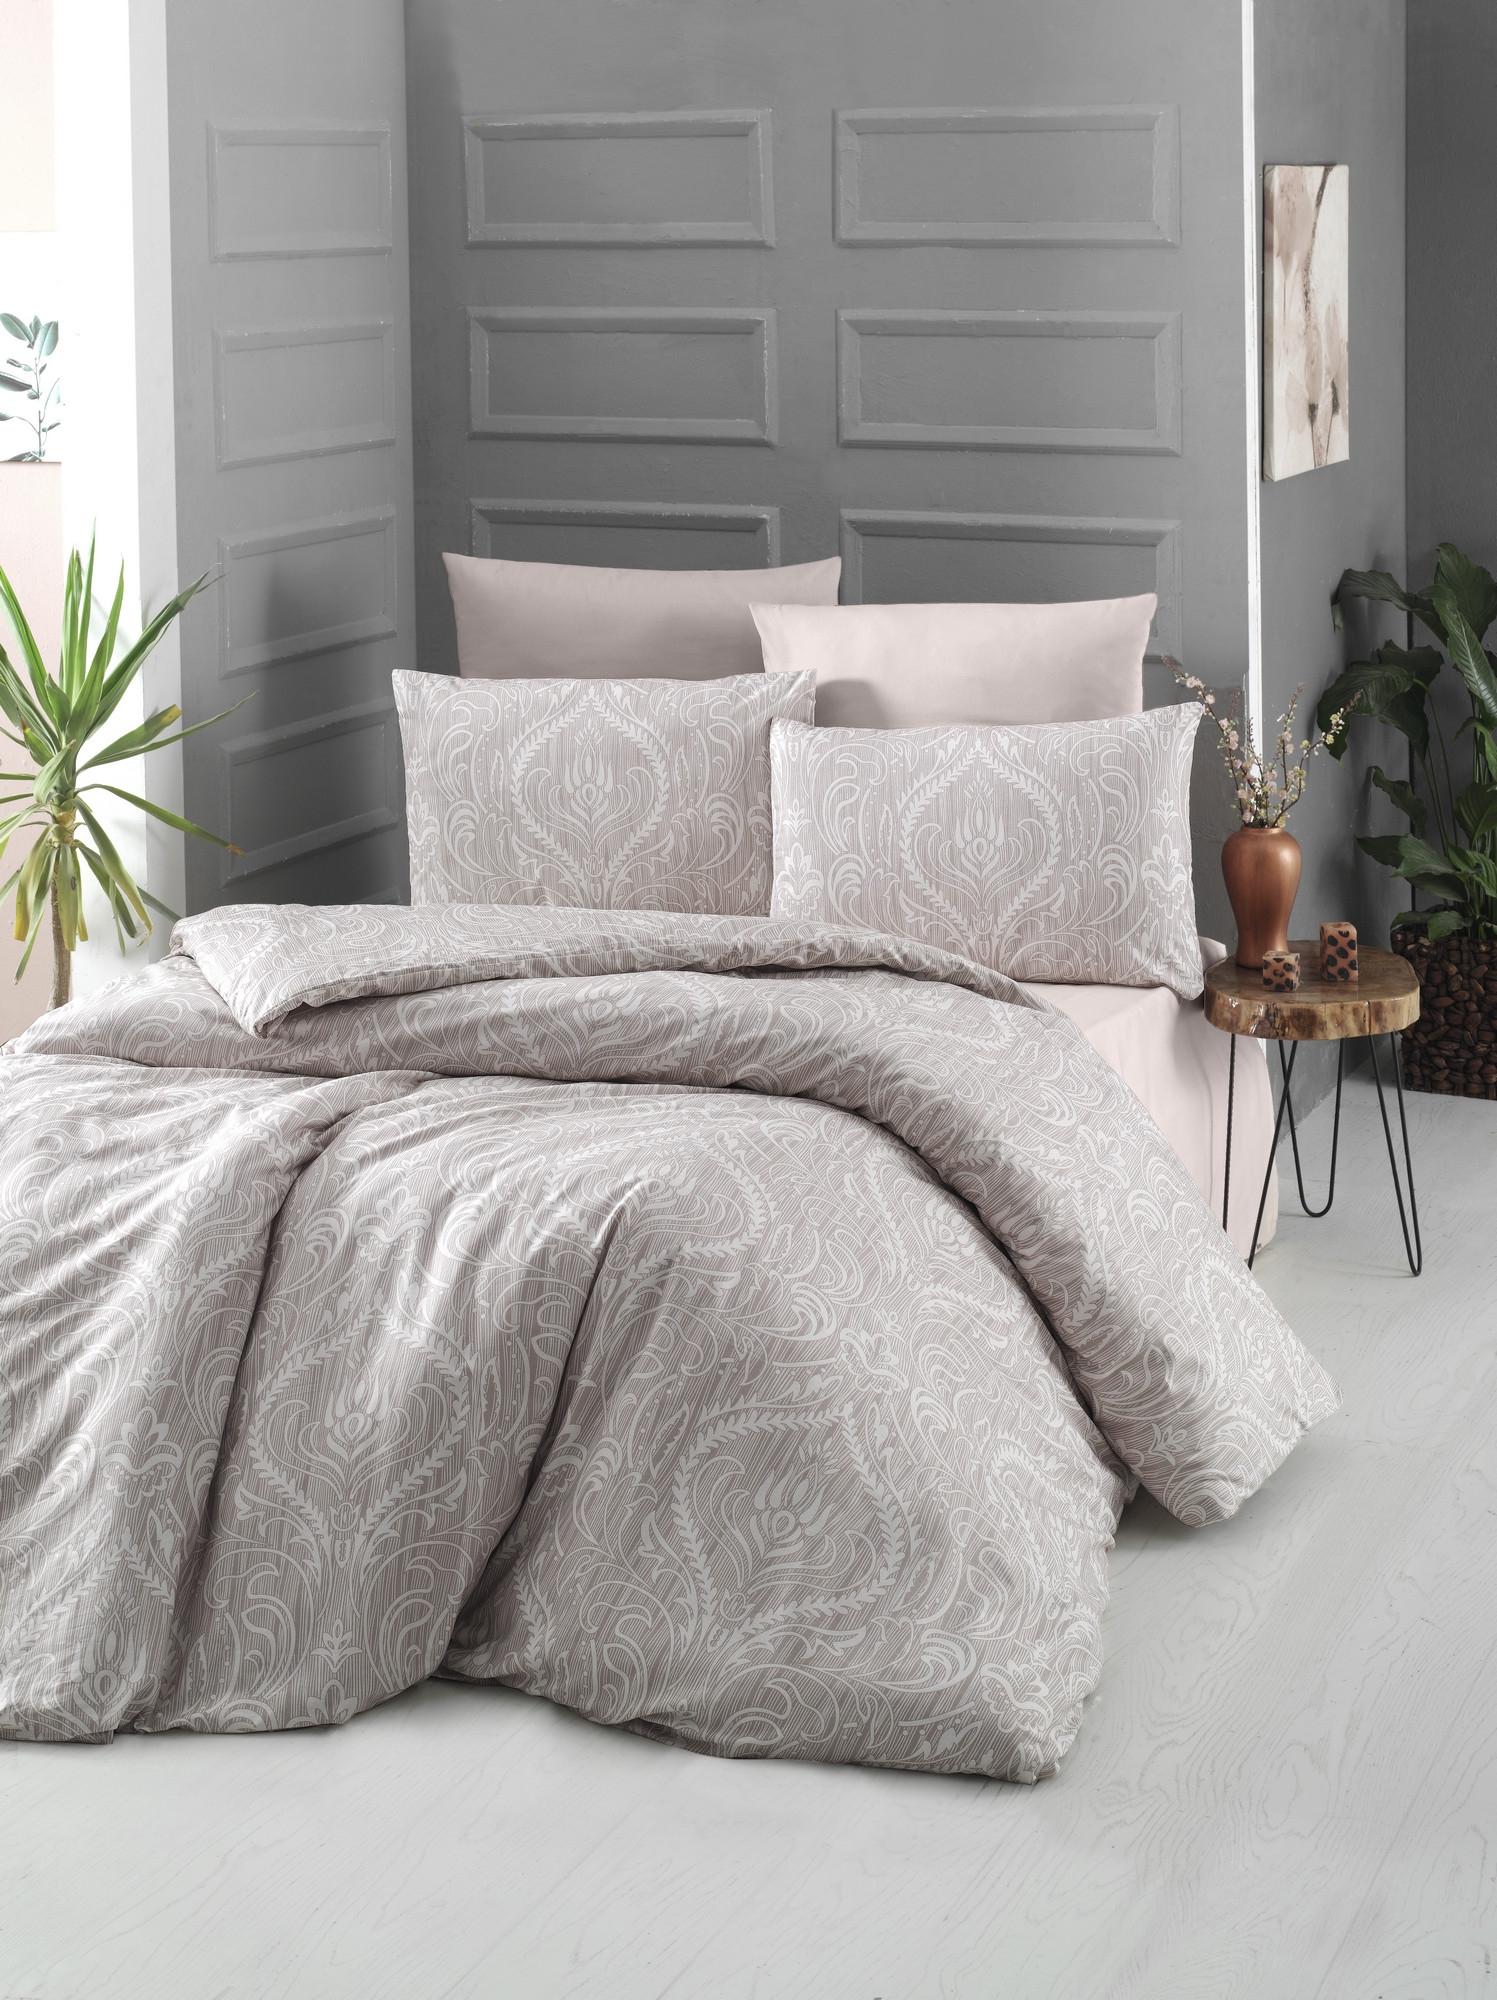 Lenjerie de pat din bumbac Ranforce, Ornament Crem, 200 x 220 cm somproduct.ro